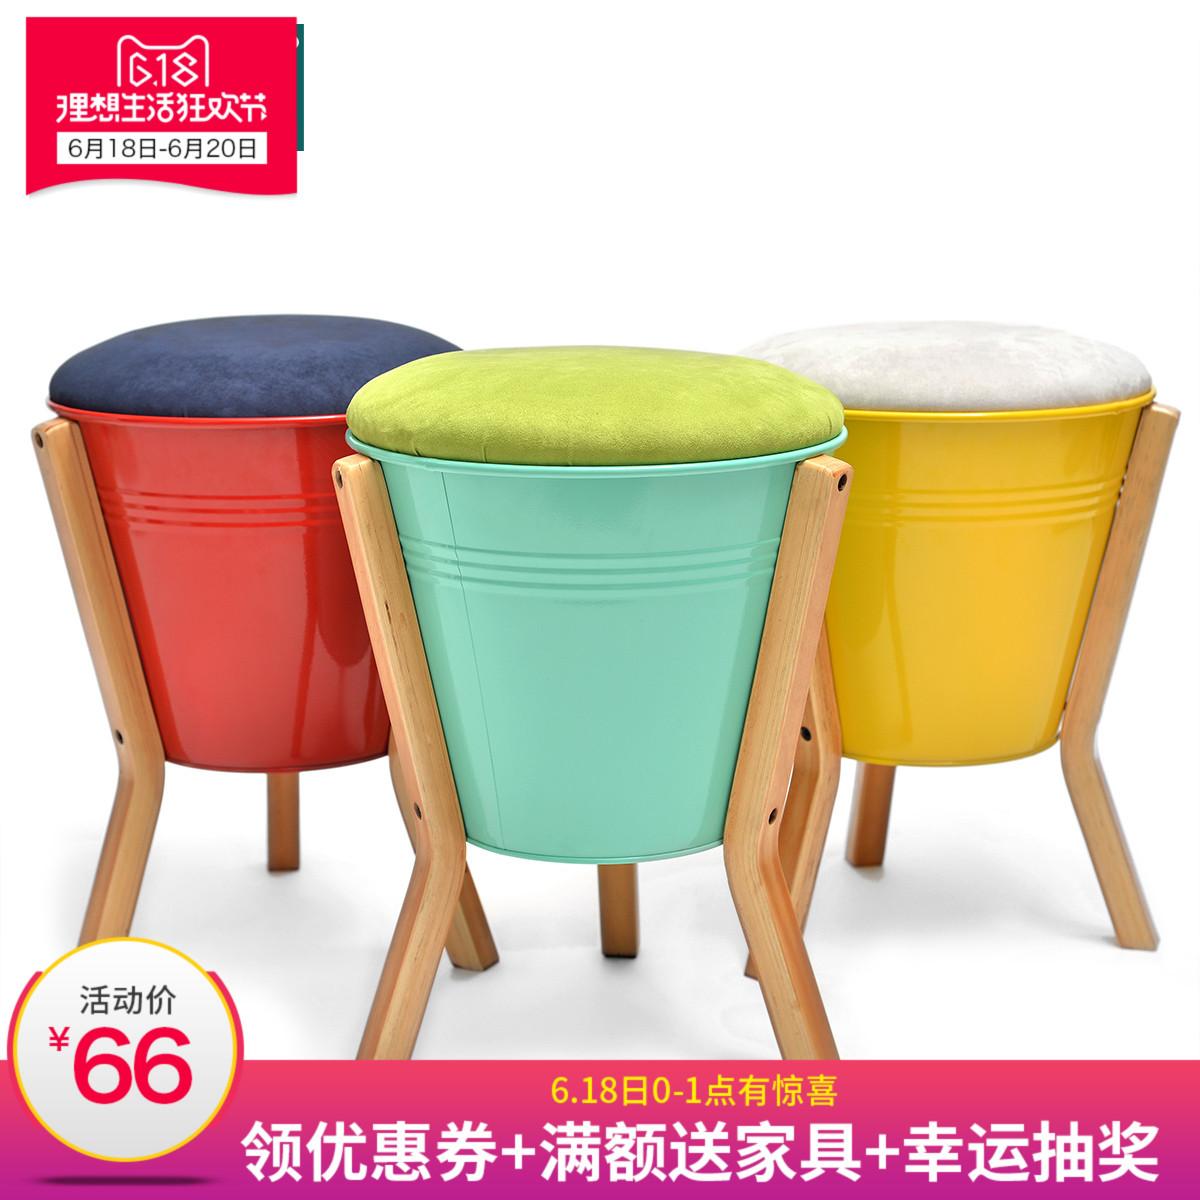 初木換鞋凳簡約 矮凳收納凳 小凳子儲物凳實木圓凳板凳